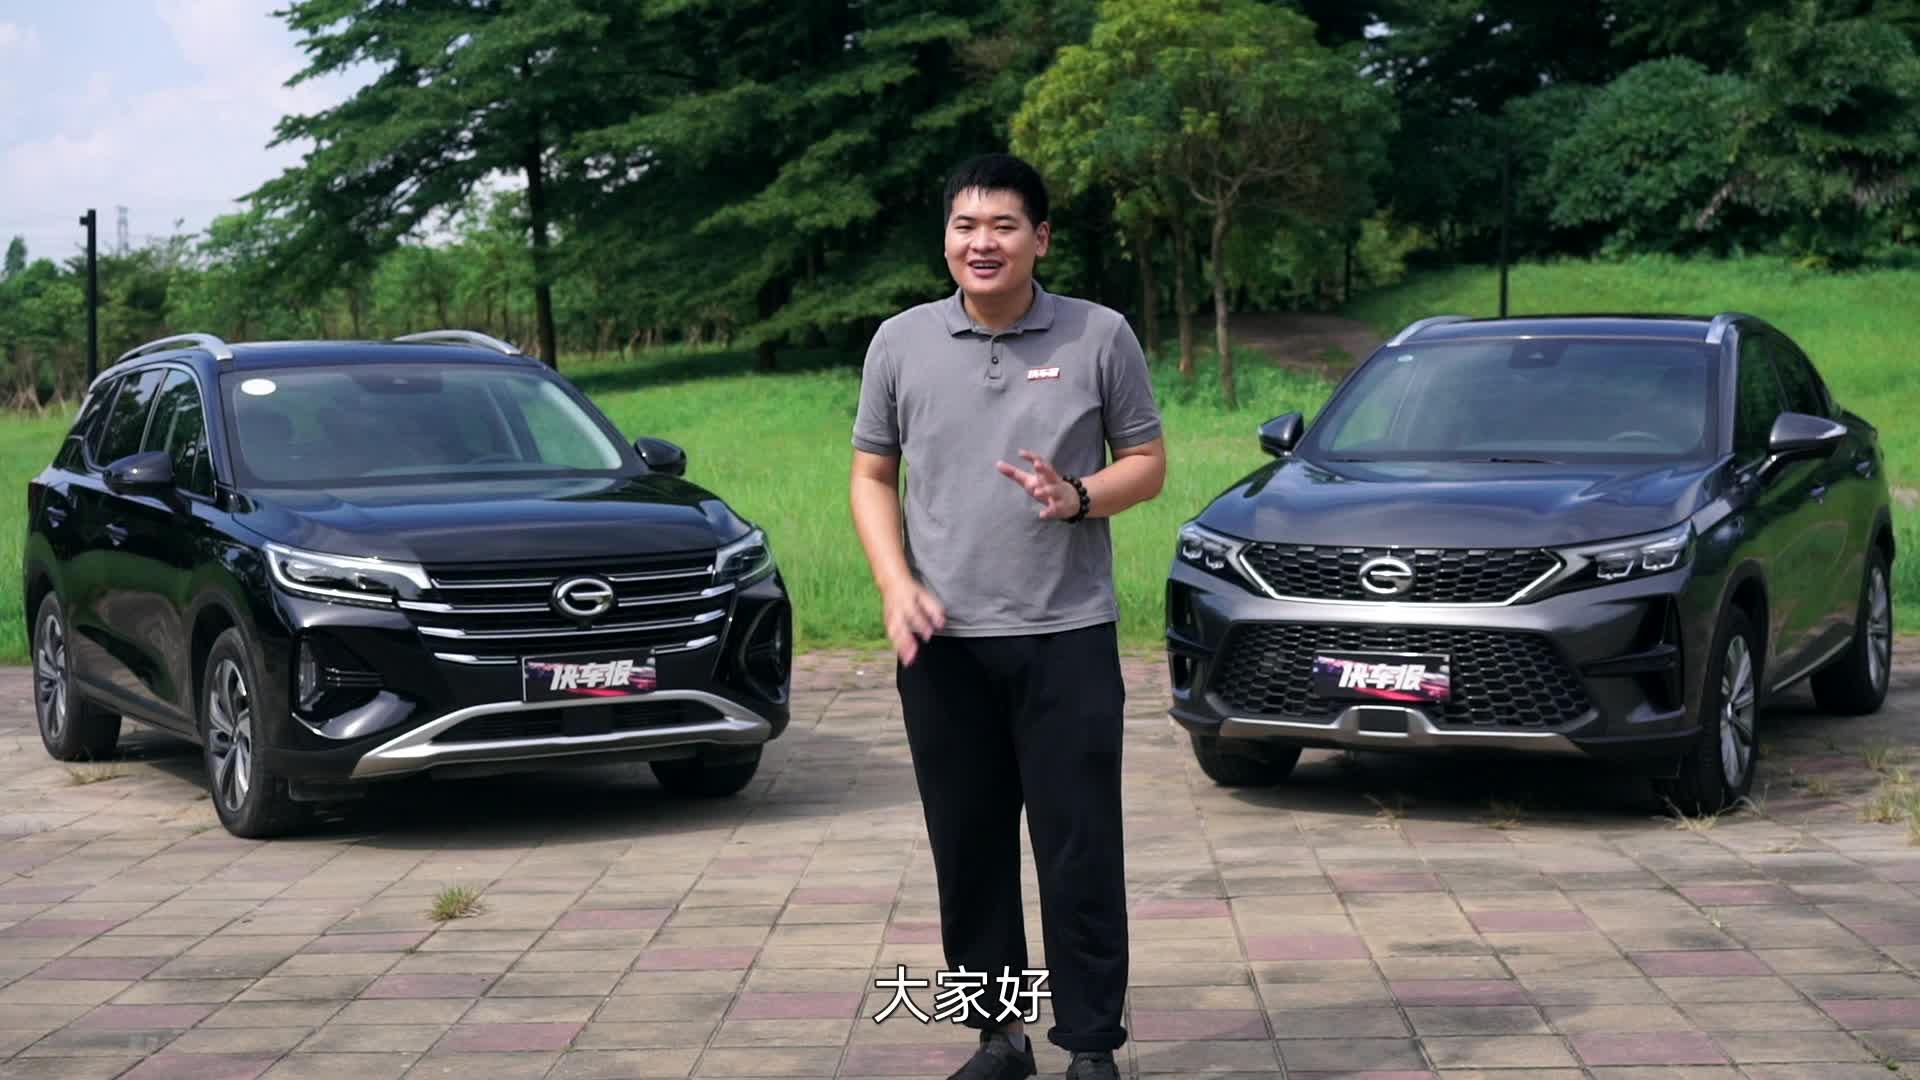 视频:试驾广汽传祺GS4:轿跑化之后果然不一样了【试驾视频044】